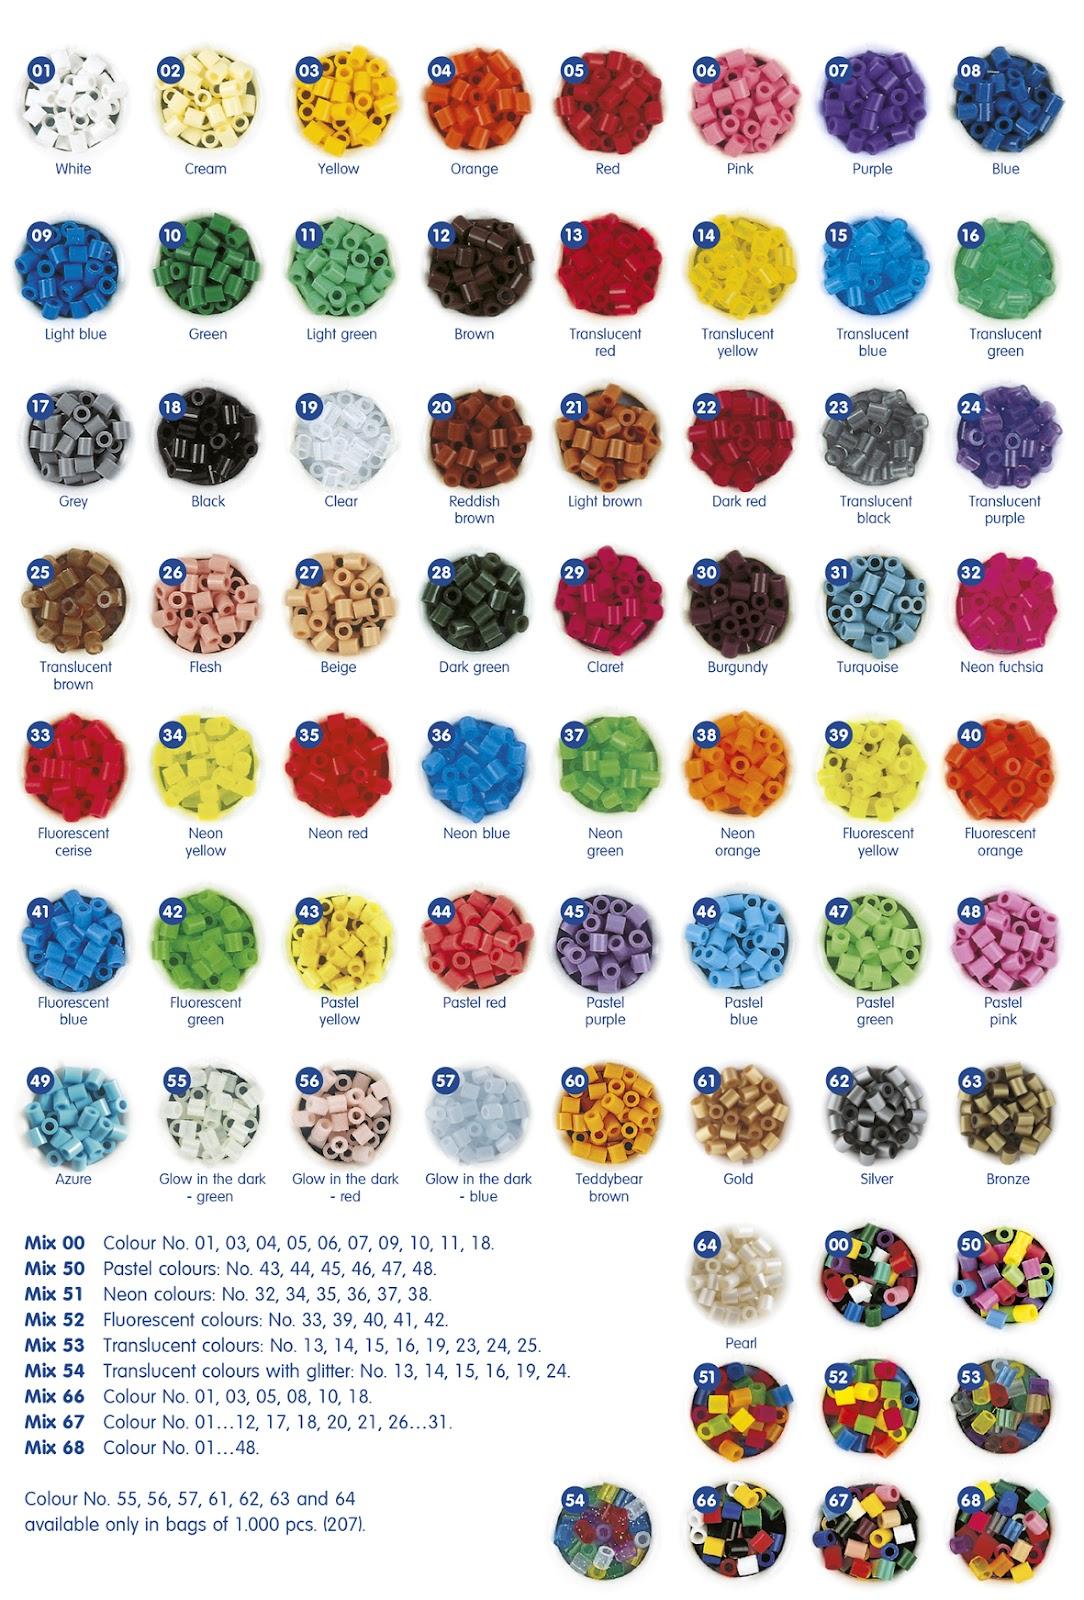 Colores y placas o pegboards hama beads - Como conseguir color naranja ...